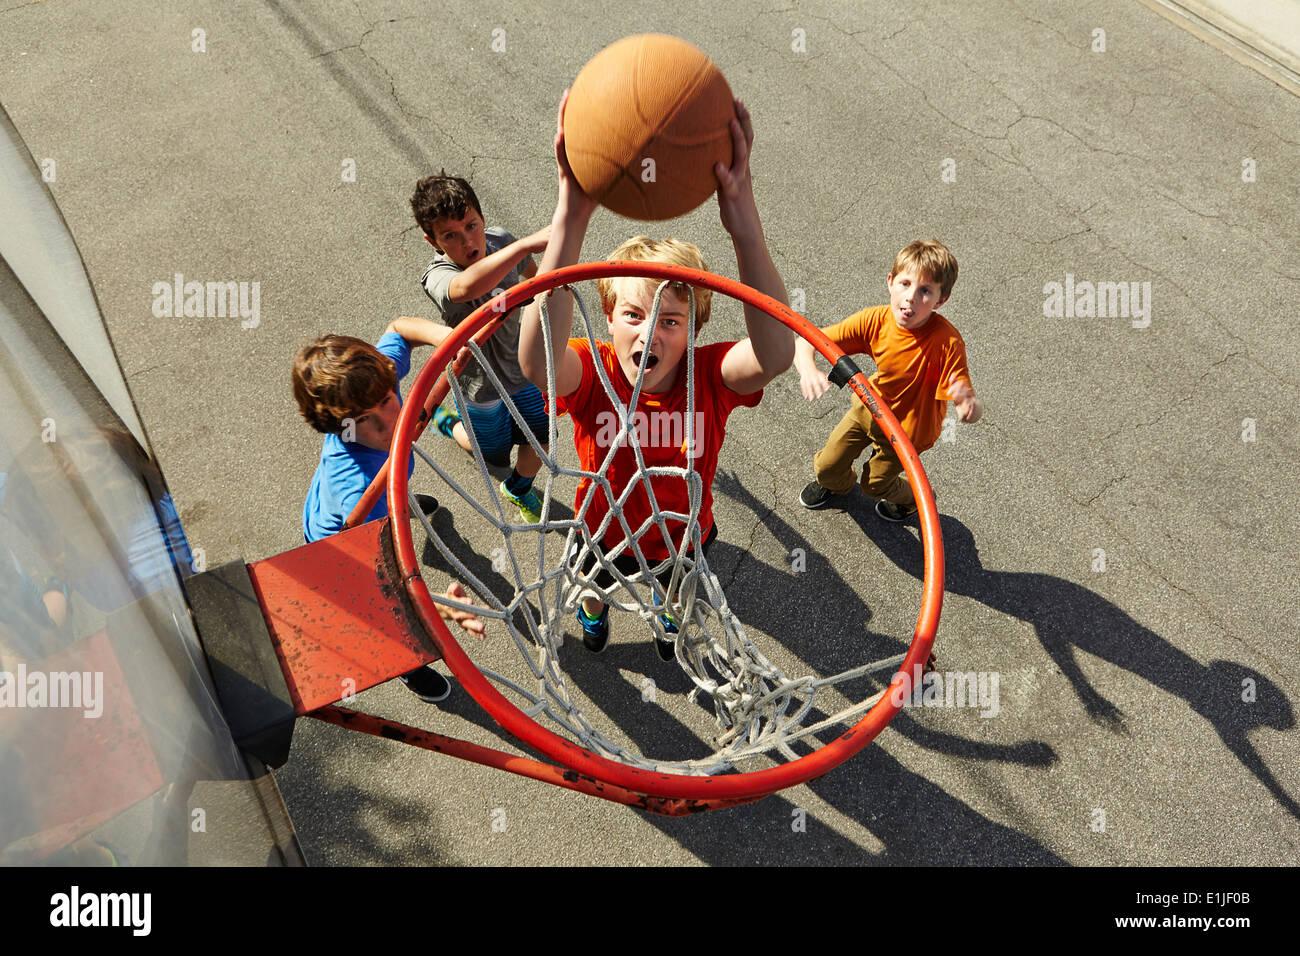 Muchachos jugando baloncesto, ángulo alto Imagen De Stock